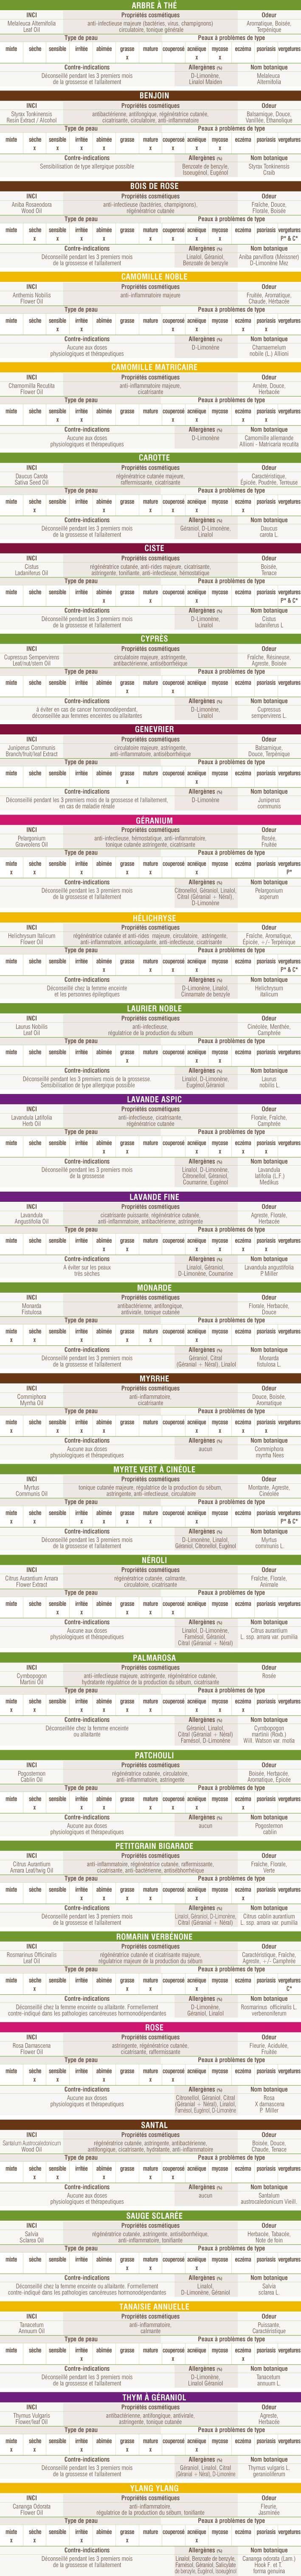 Les huiles essentielles se diluent pour une utilisation cosmétique dans une huile ou un beurre végétal. On peut aussi les intégrer dans une base neutre prête à utiliser (crème, Base Neutre Corps & Cheveux, base neutre pour massages, Solub-HE).